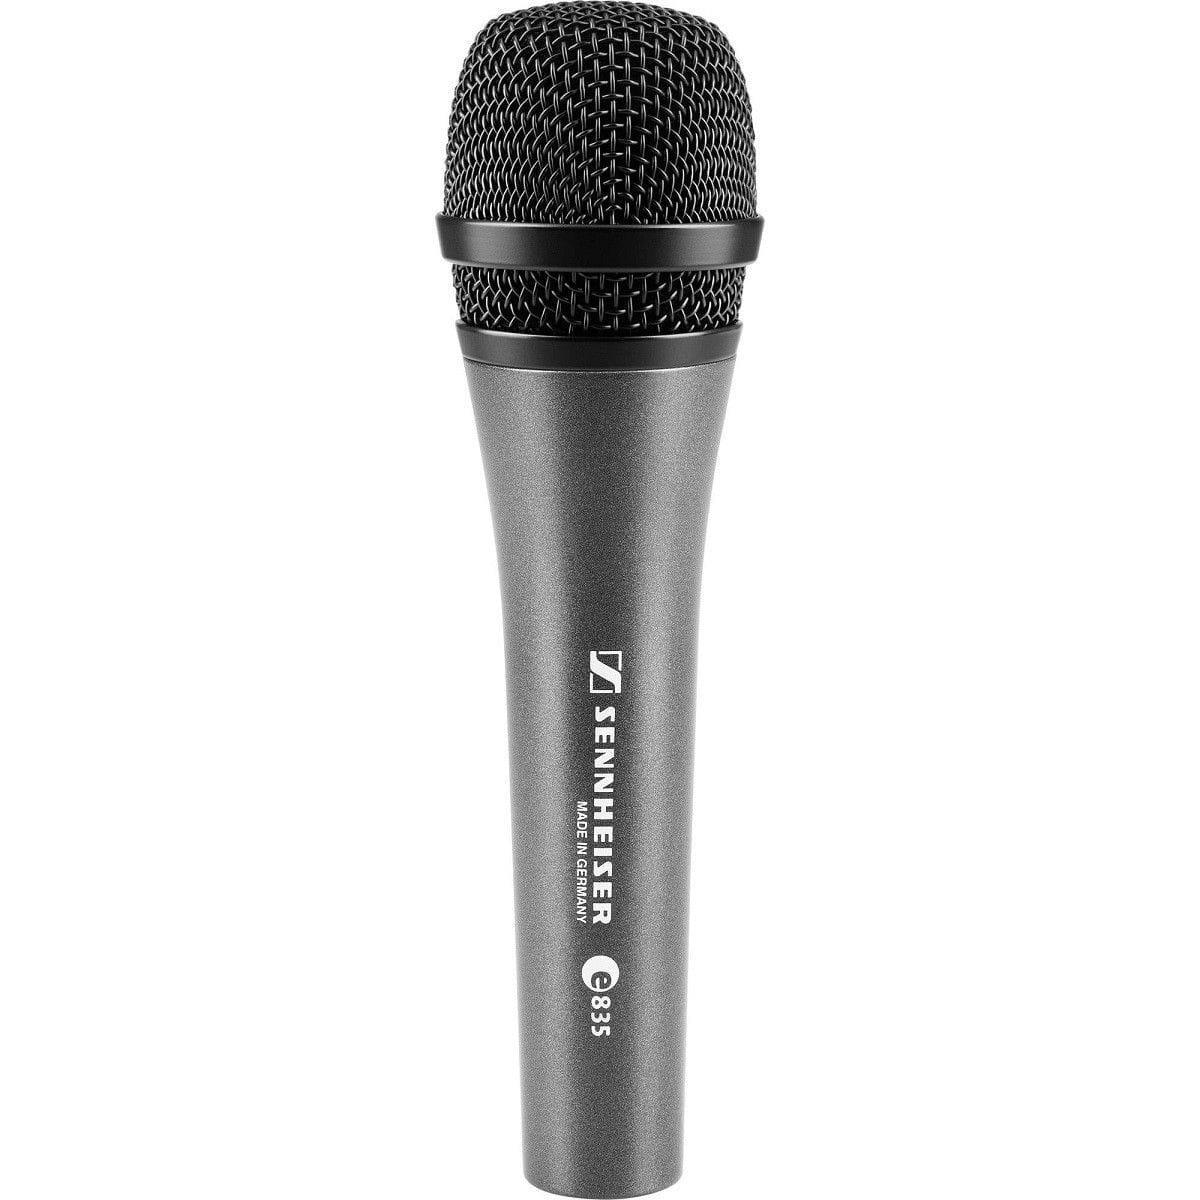 Sennheiser Microfone Dinâmico Cardióide E835